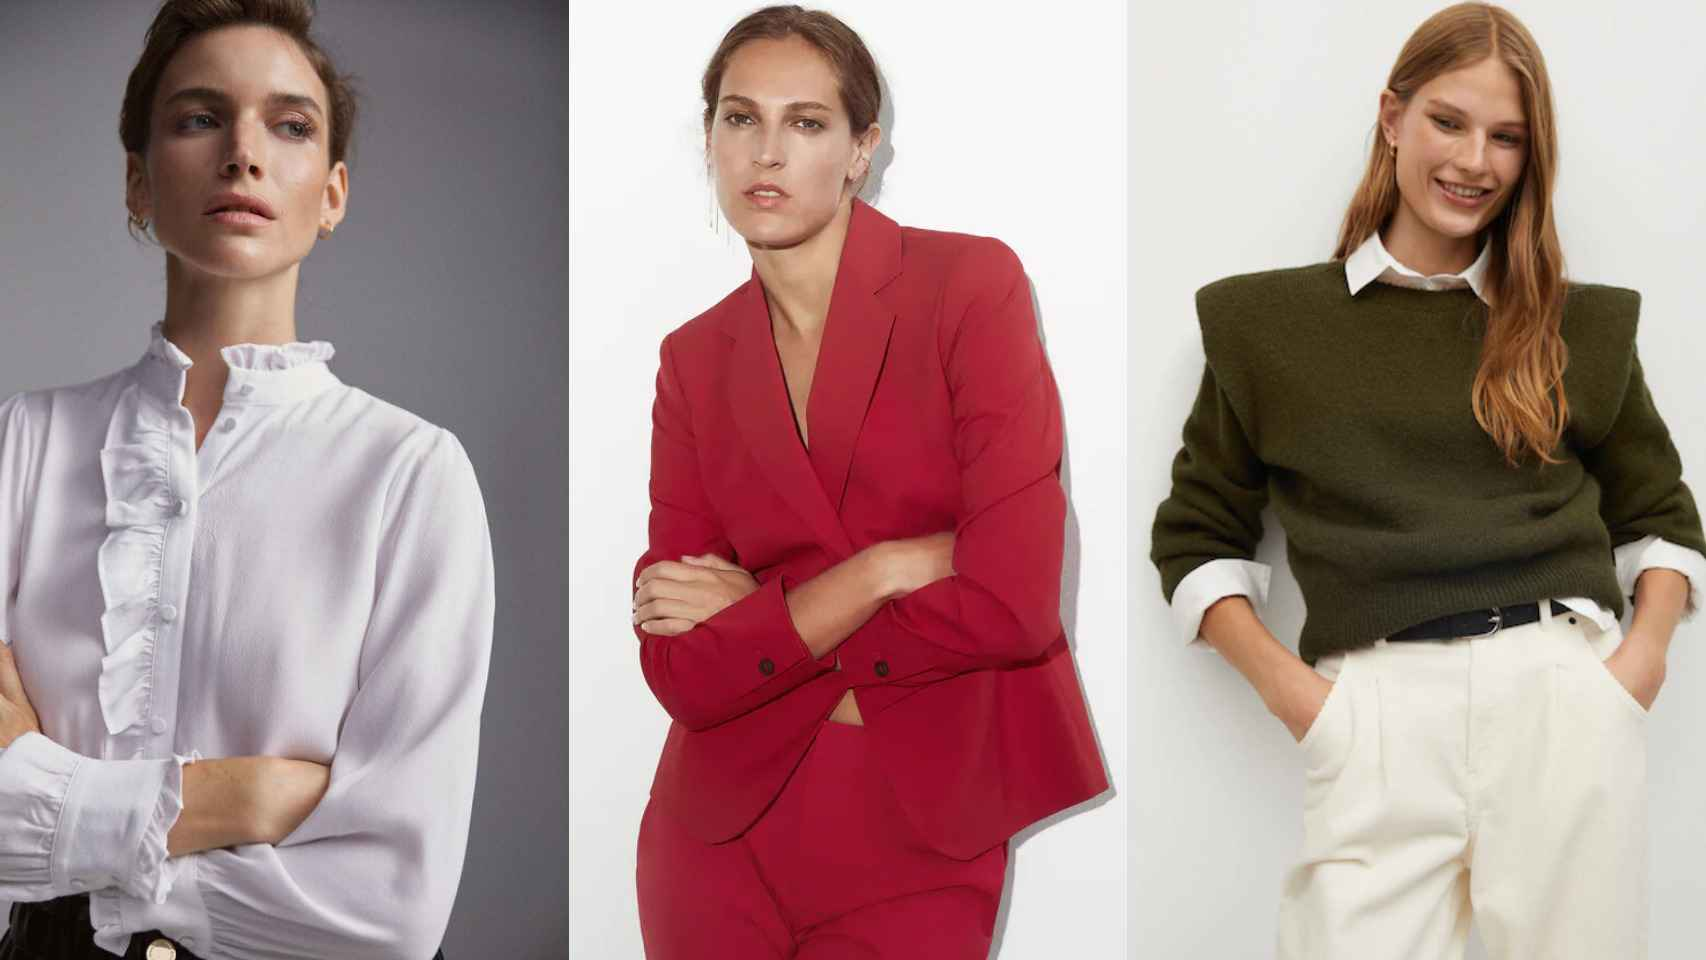 Adiós a las faldas y vestidos, los trajes y los jerséis serán la prenda clave de tus 'looks'